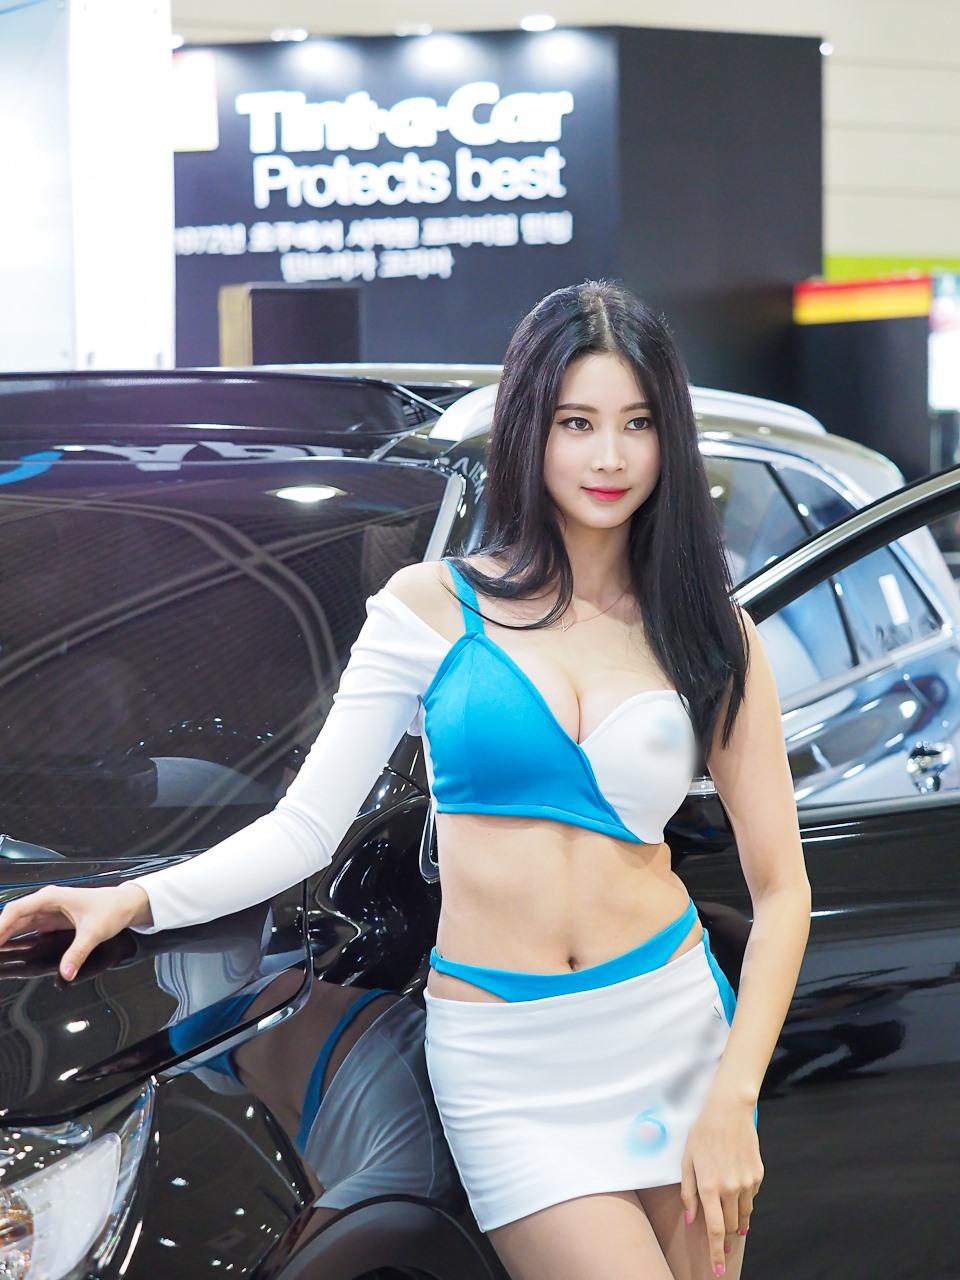 """Mẫu xe hơi Hàn Quốc nổi bật giữa chốn đông người nhờ bộ """"đồ bay"""" bóng lộn, xuyên thấu - hình ảnh 9"""